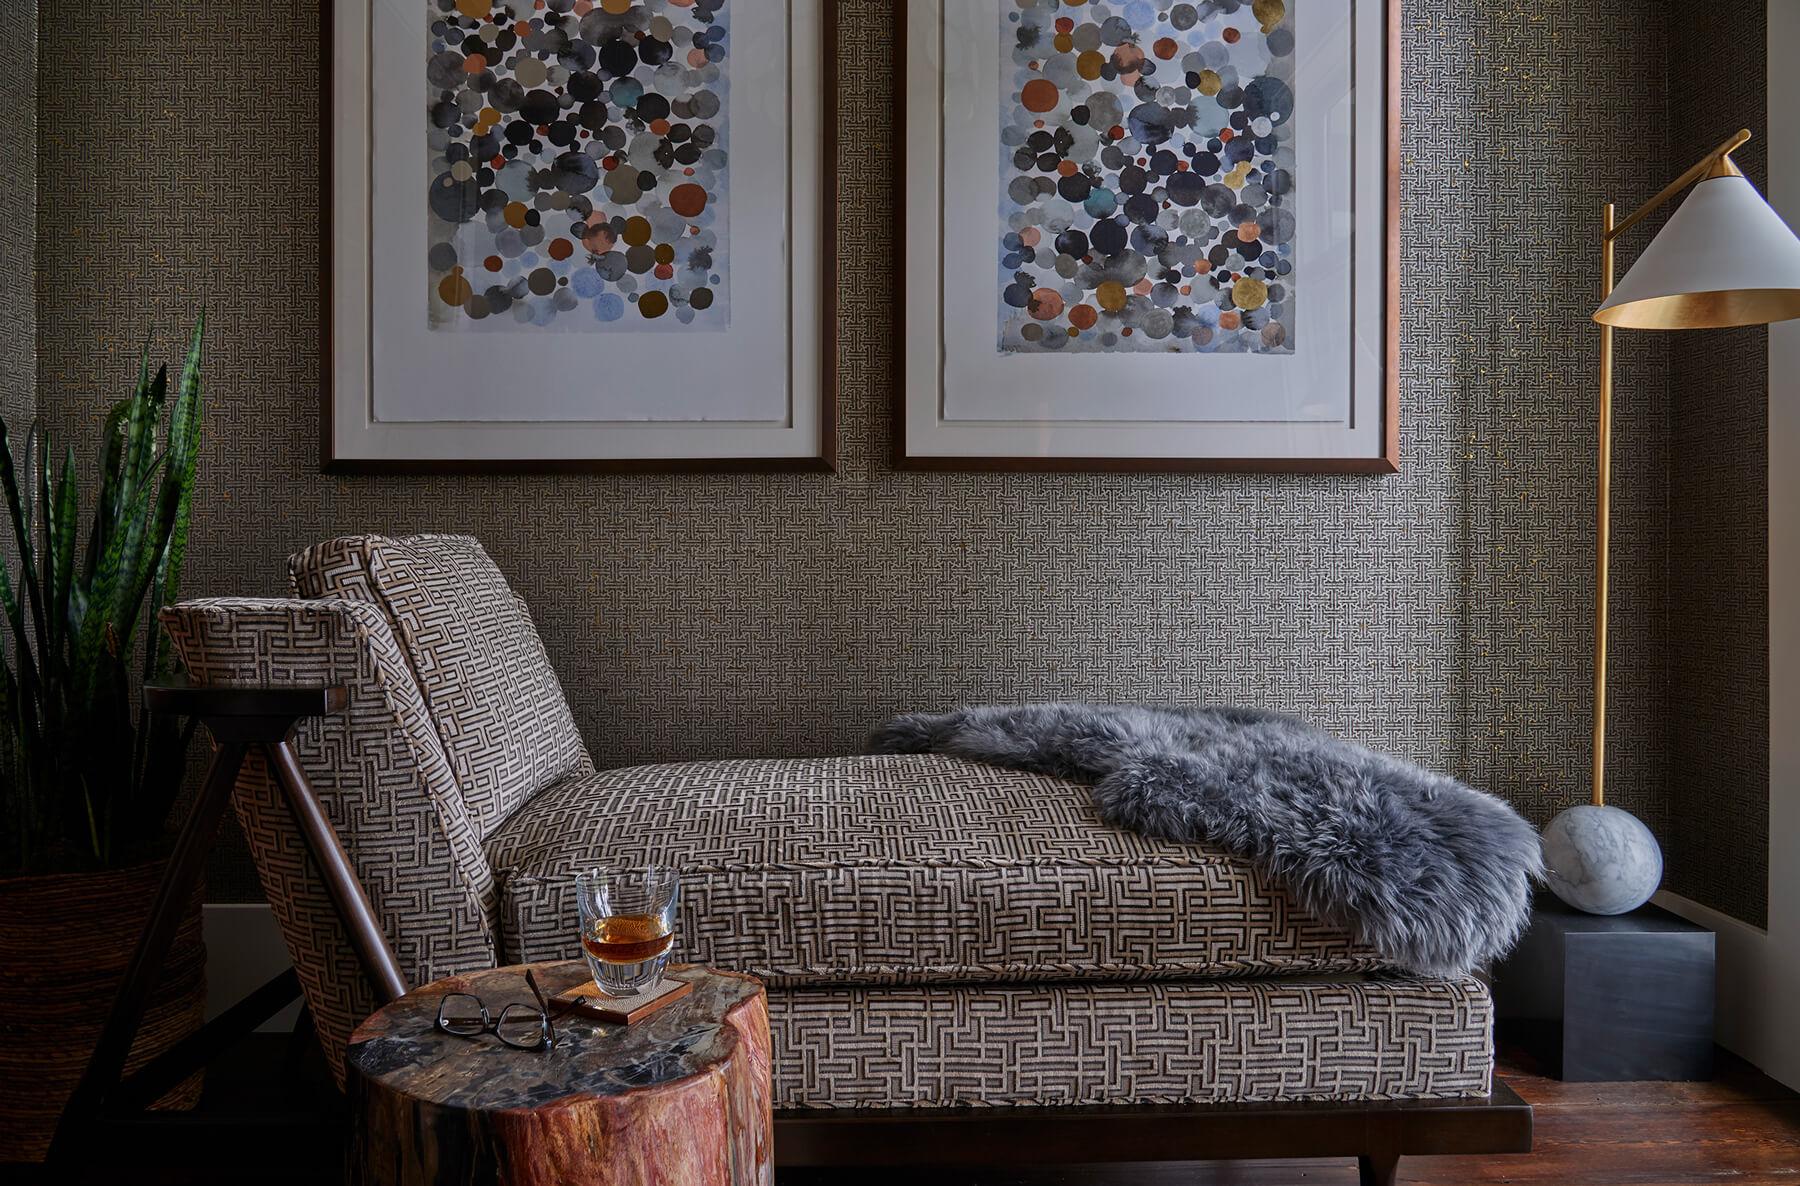 Ks mcrorie interior design luxury residential and for Luxury residential interior designer